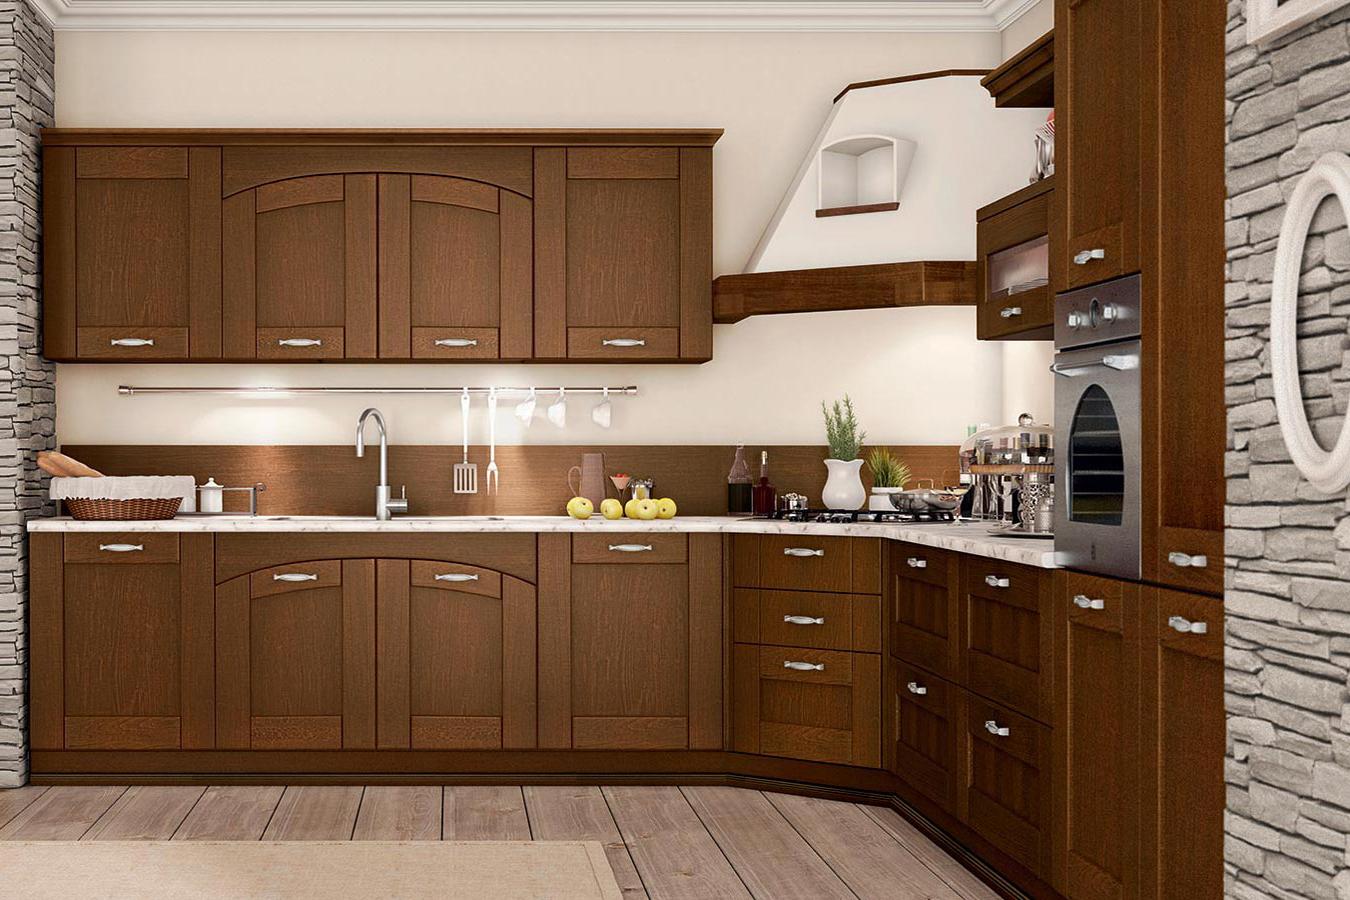 Arredo3 cucina agnese 3 classica componibile legno vetro - Arredamento cucina classica ...